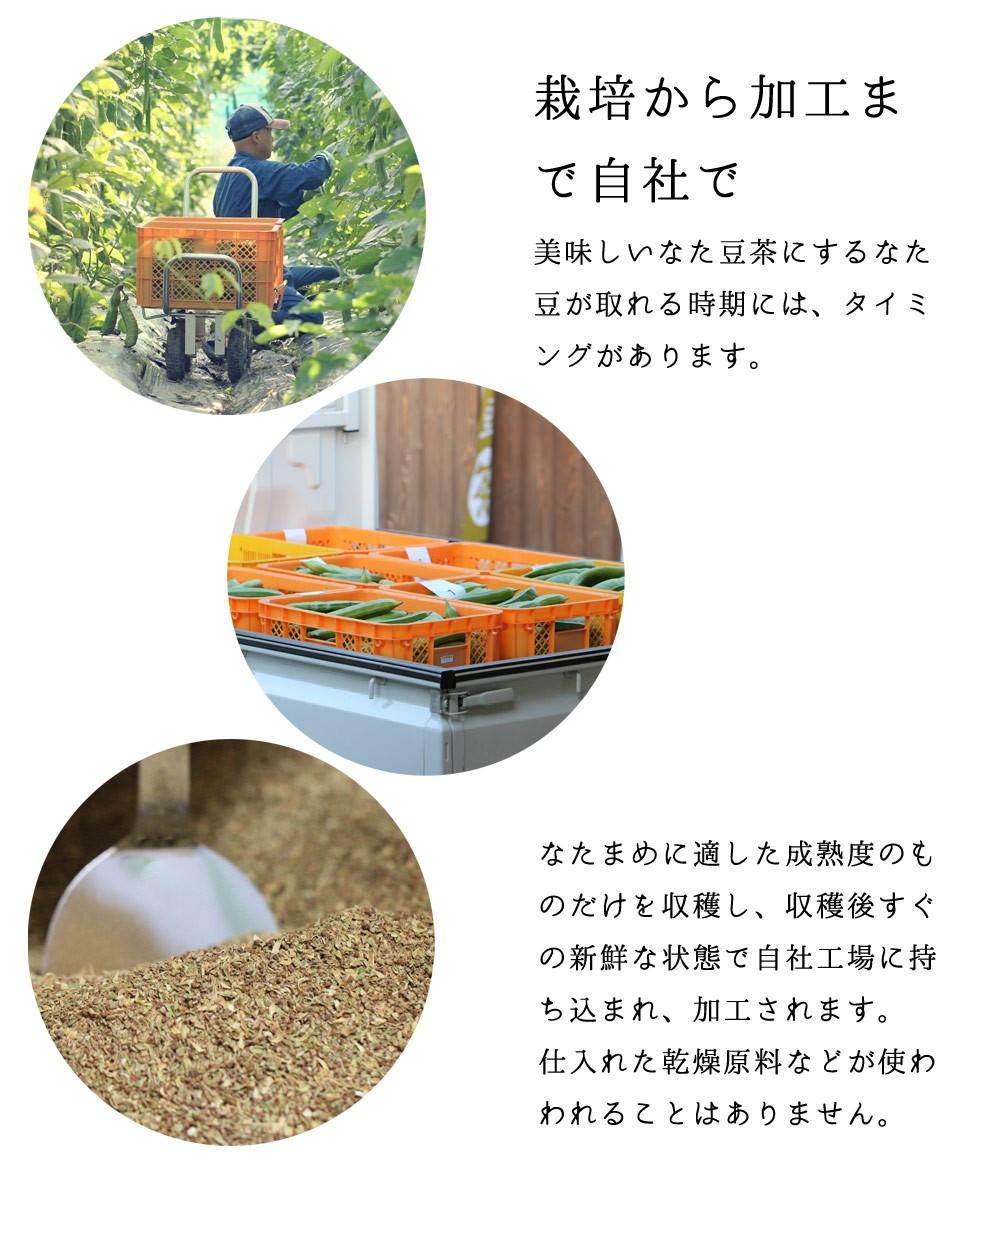 丹波なたまめ茶の違い・特徴、オーガニック、栽培加工一貫